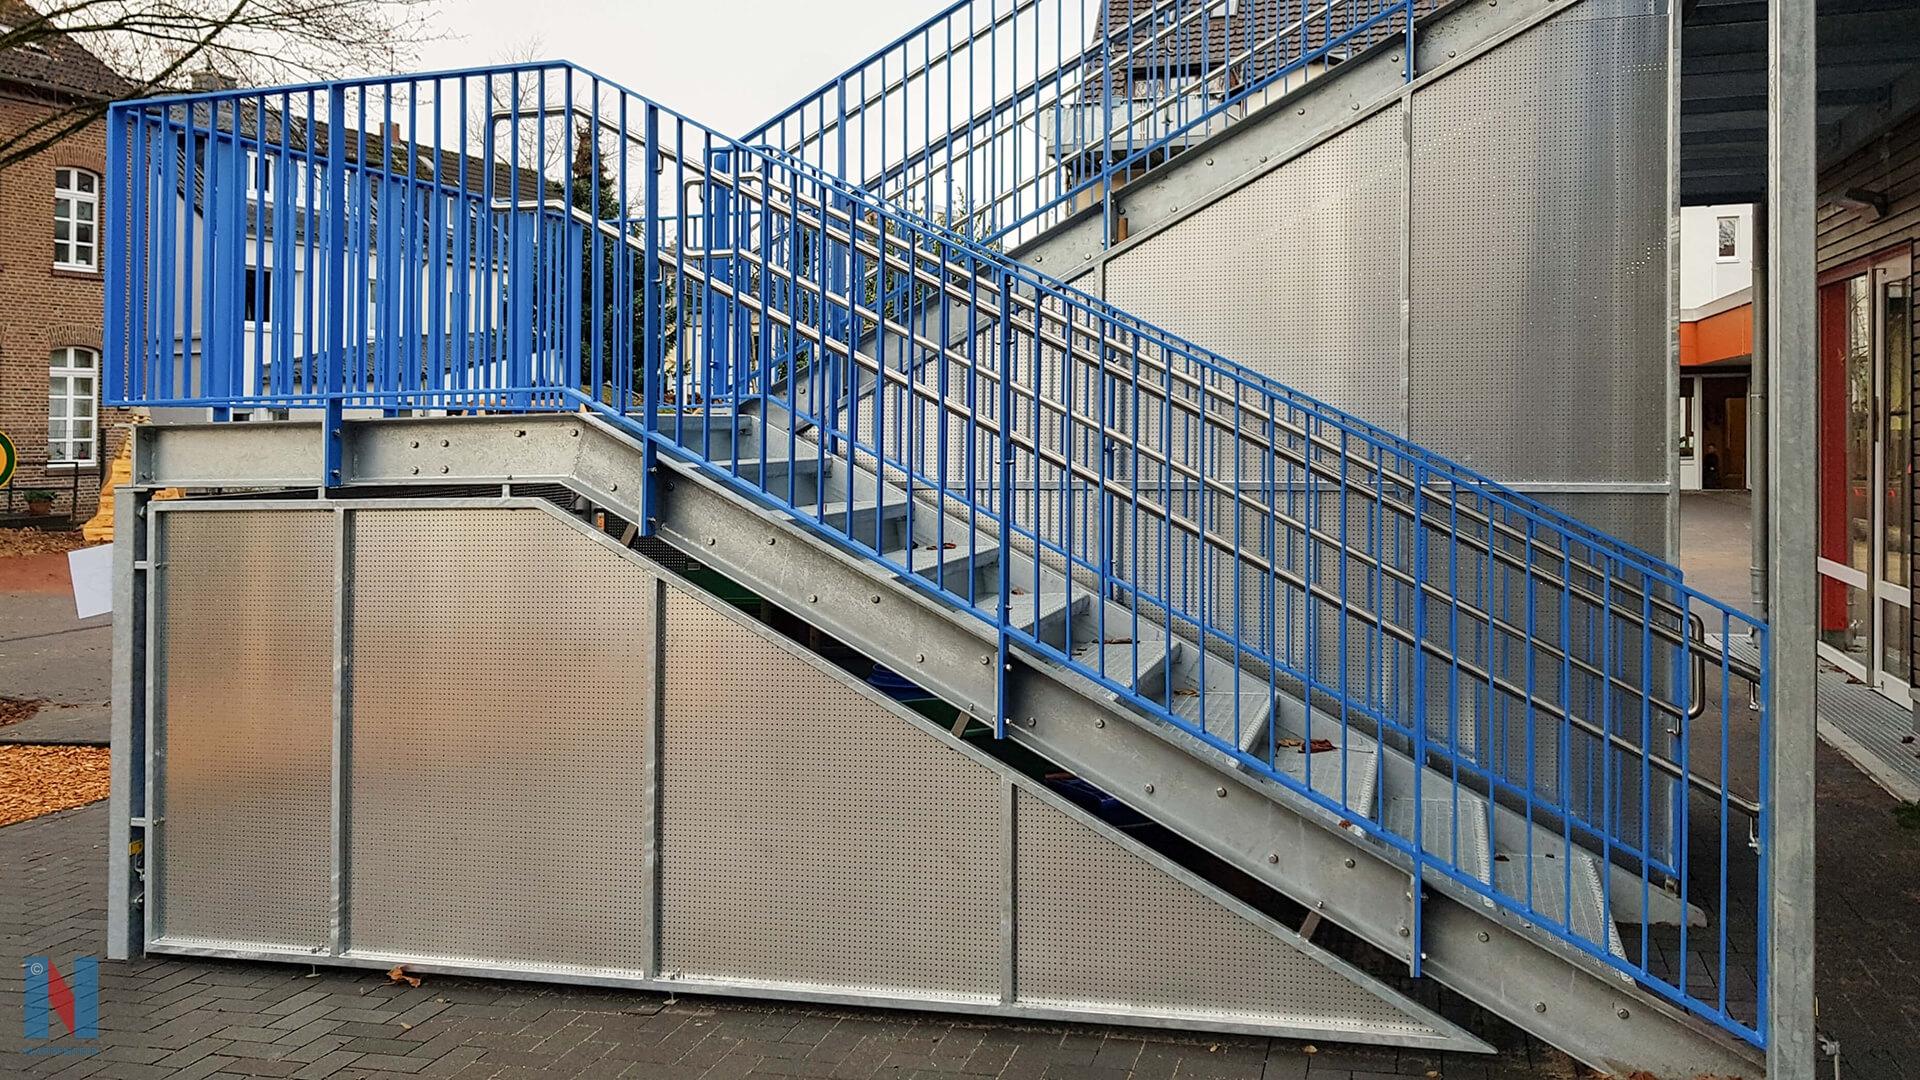 In Mülheim realisierte die Edelstahlschlosserei Nappenfeld eine neue Treppe als Fluchtweg samt einer Einhausung für Spielzeug in pulverbeschichtetem Material